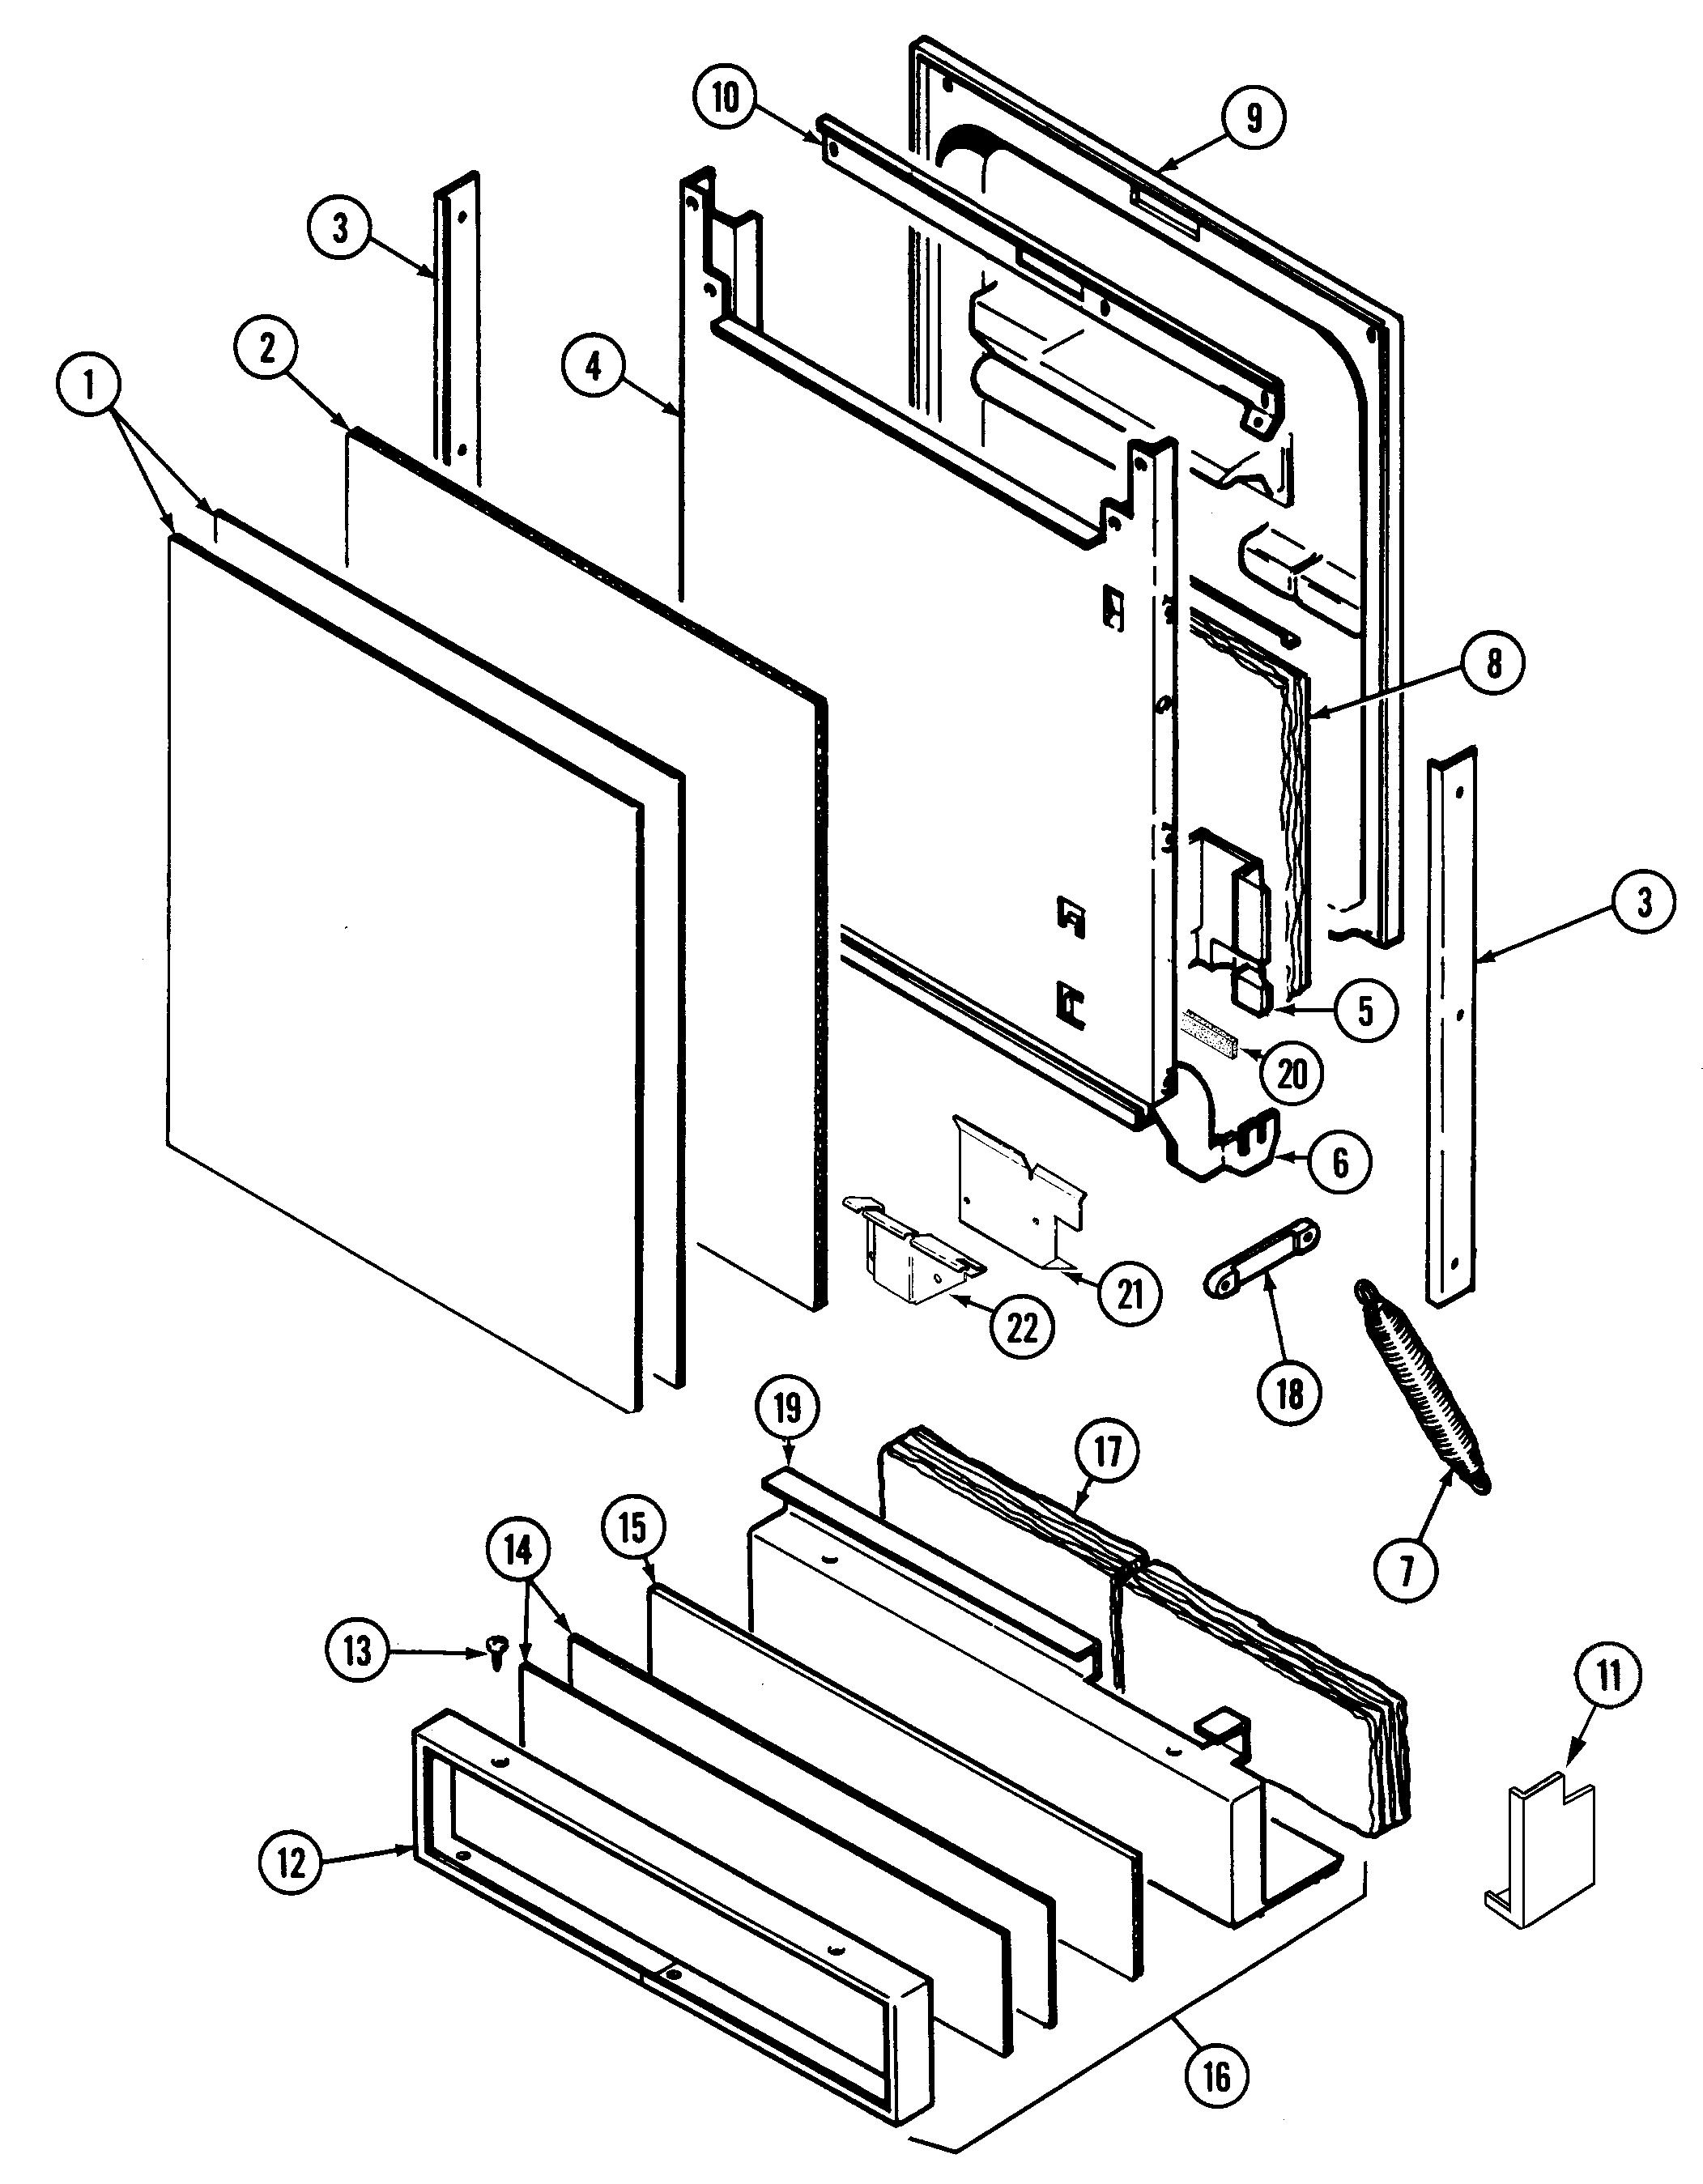 Maytag maytag dishwasher parts model dwu7910aax sears partsdirect rh searspartsdirect maytag dishwasher schematic maytag dishwasher schematic